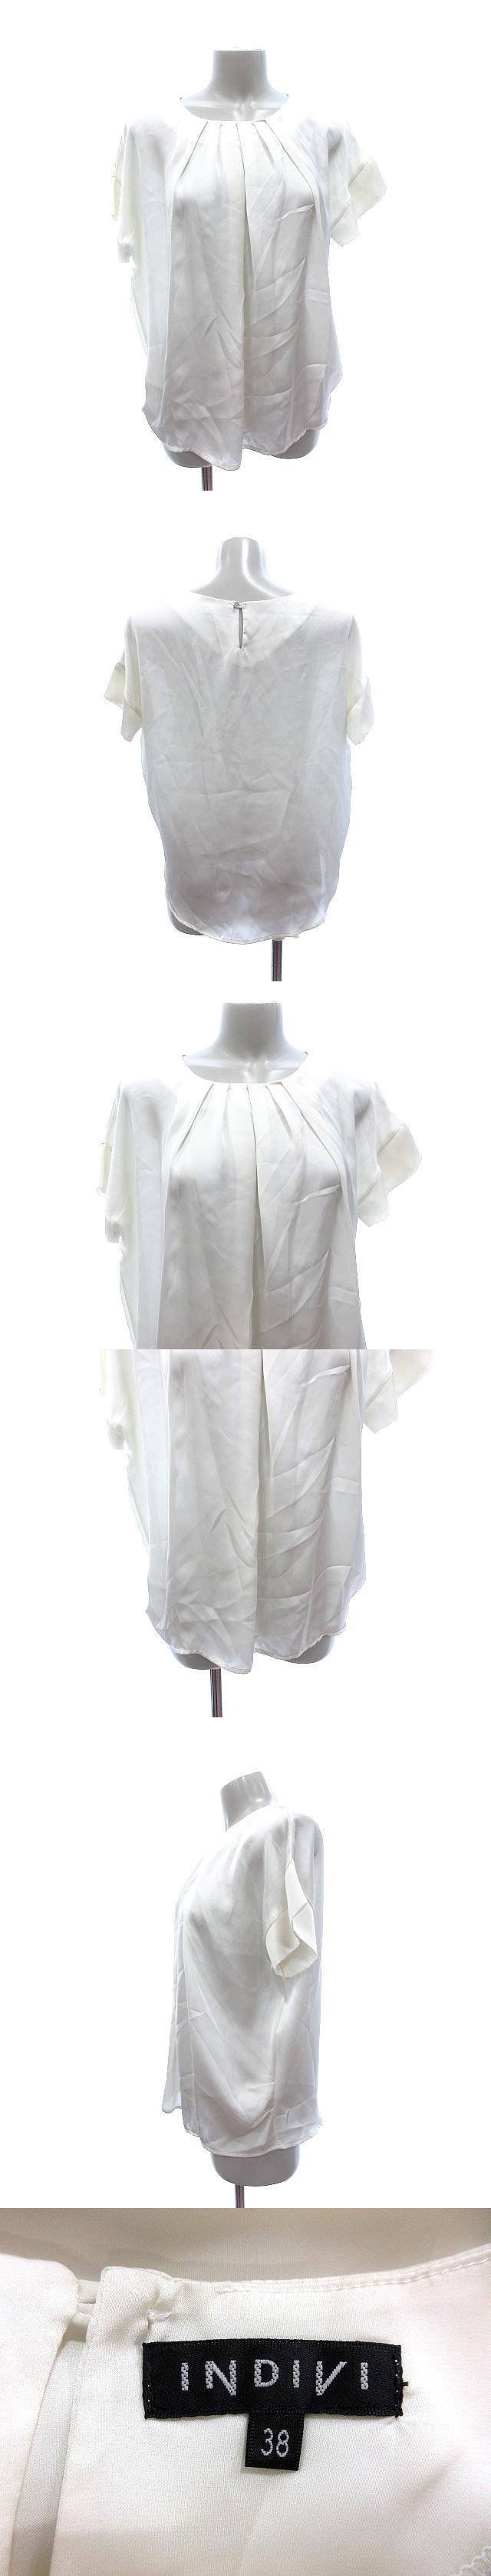 シャツ ブラウス Uネック ドルマン 半袖 38 白 ホワイト オフホワイト /AU